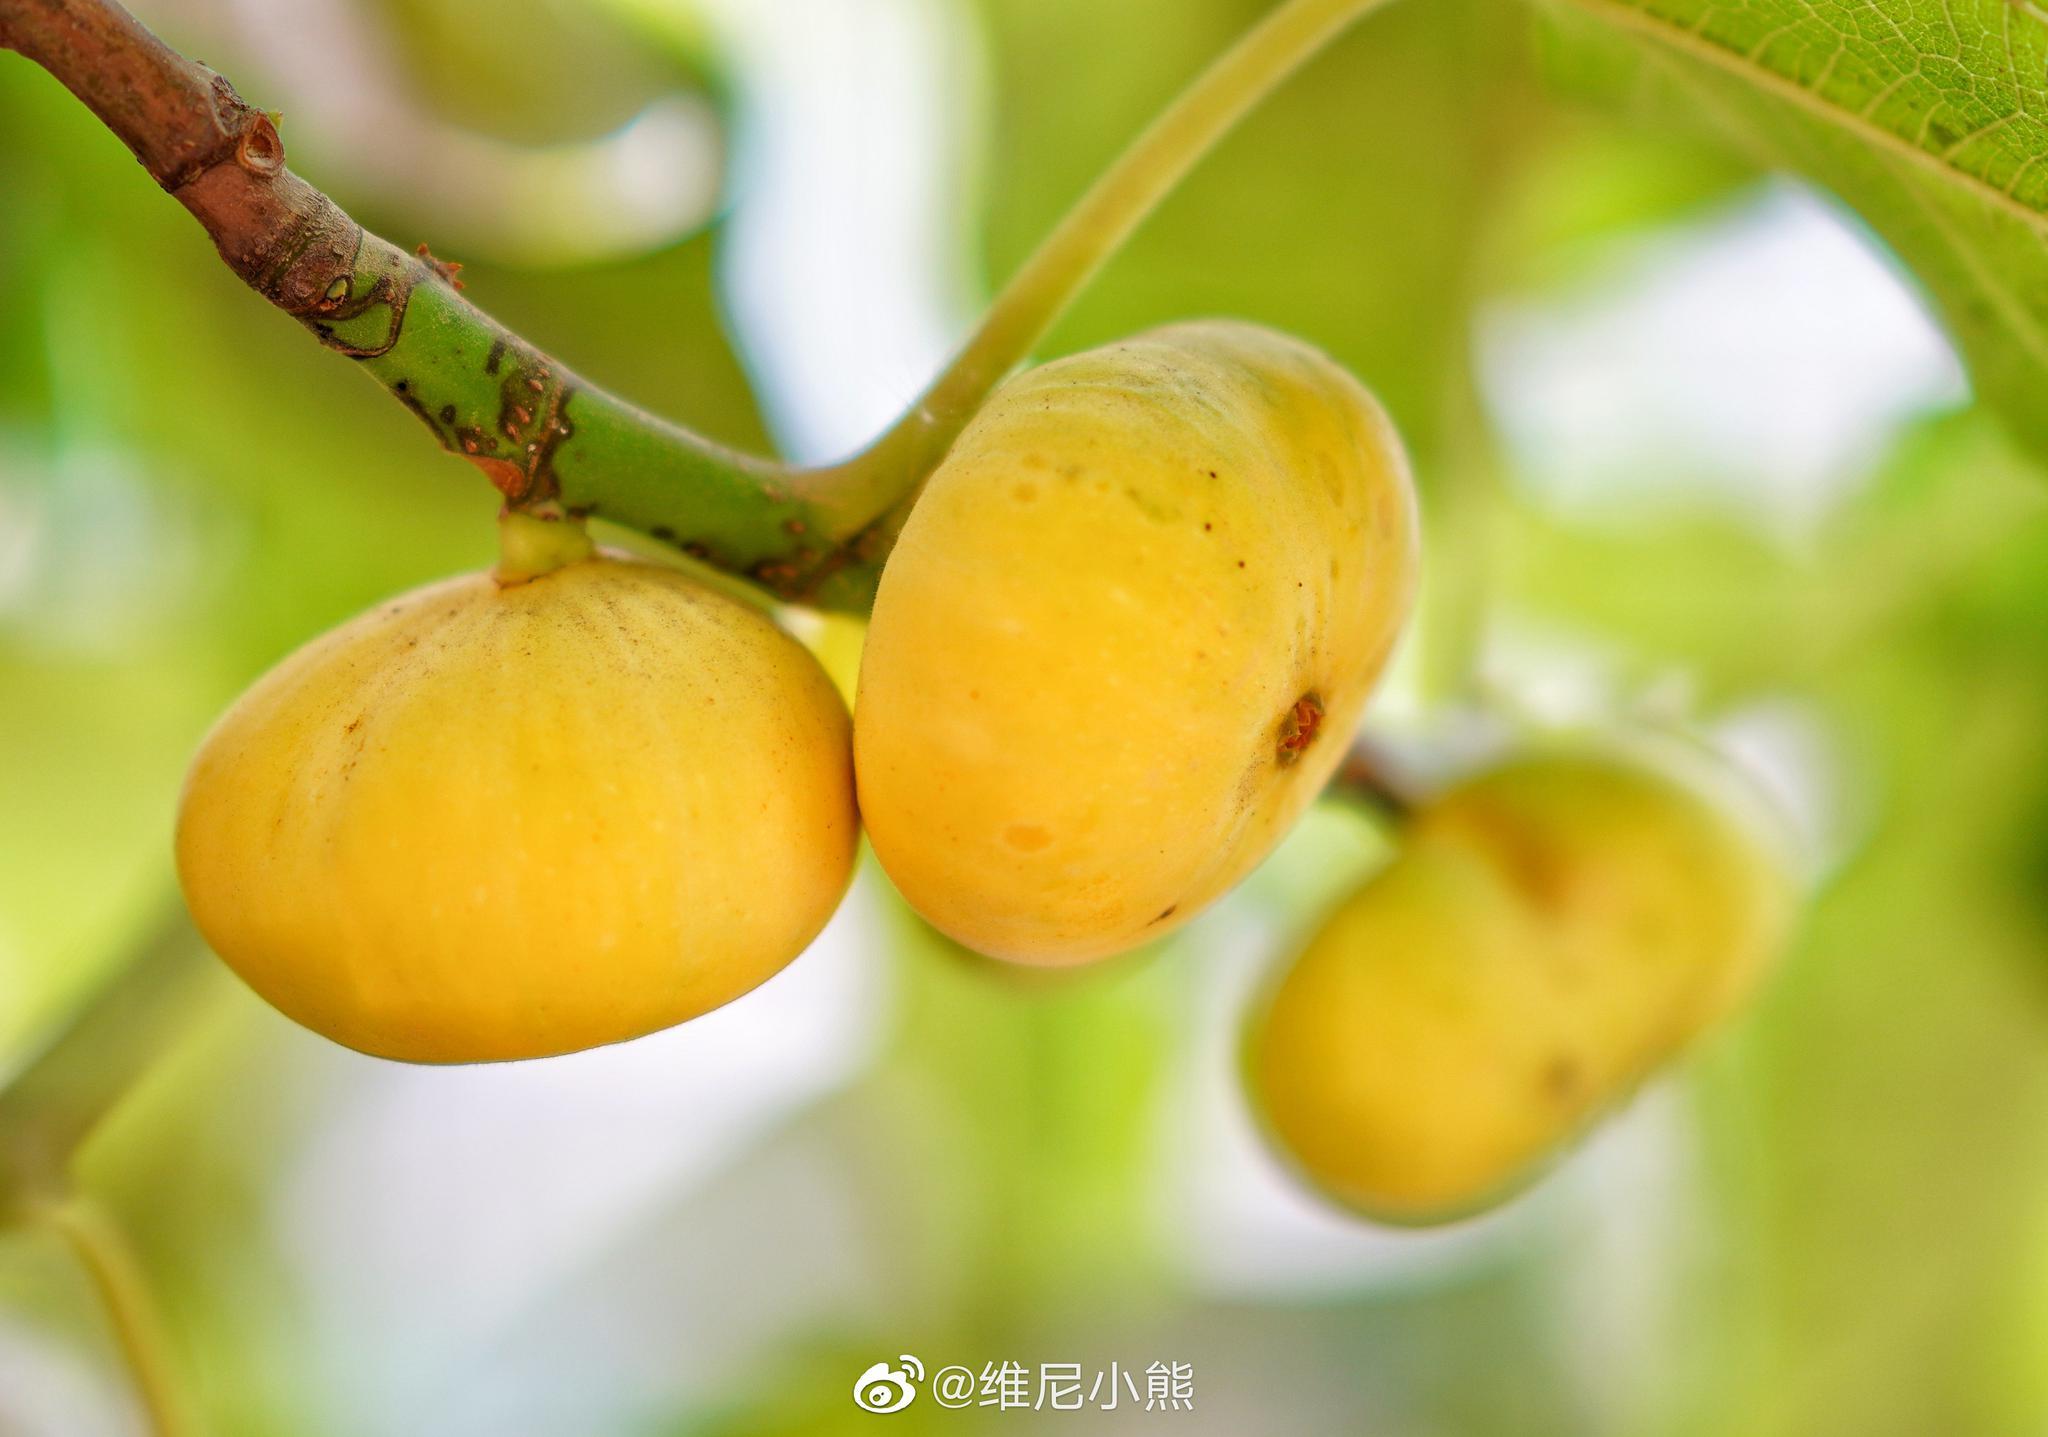 500年的五花果树,距和田市区22公里,号称挂在树上的糖包子